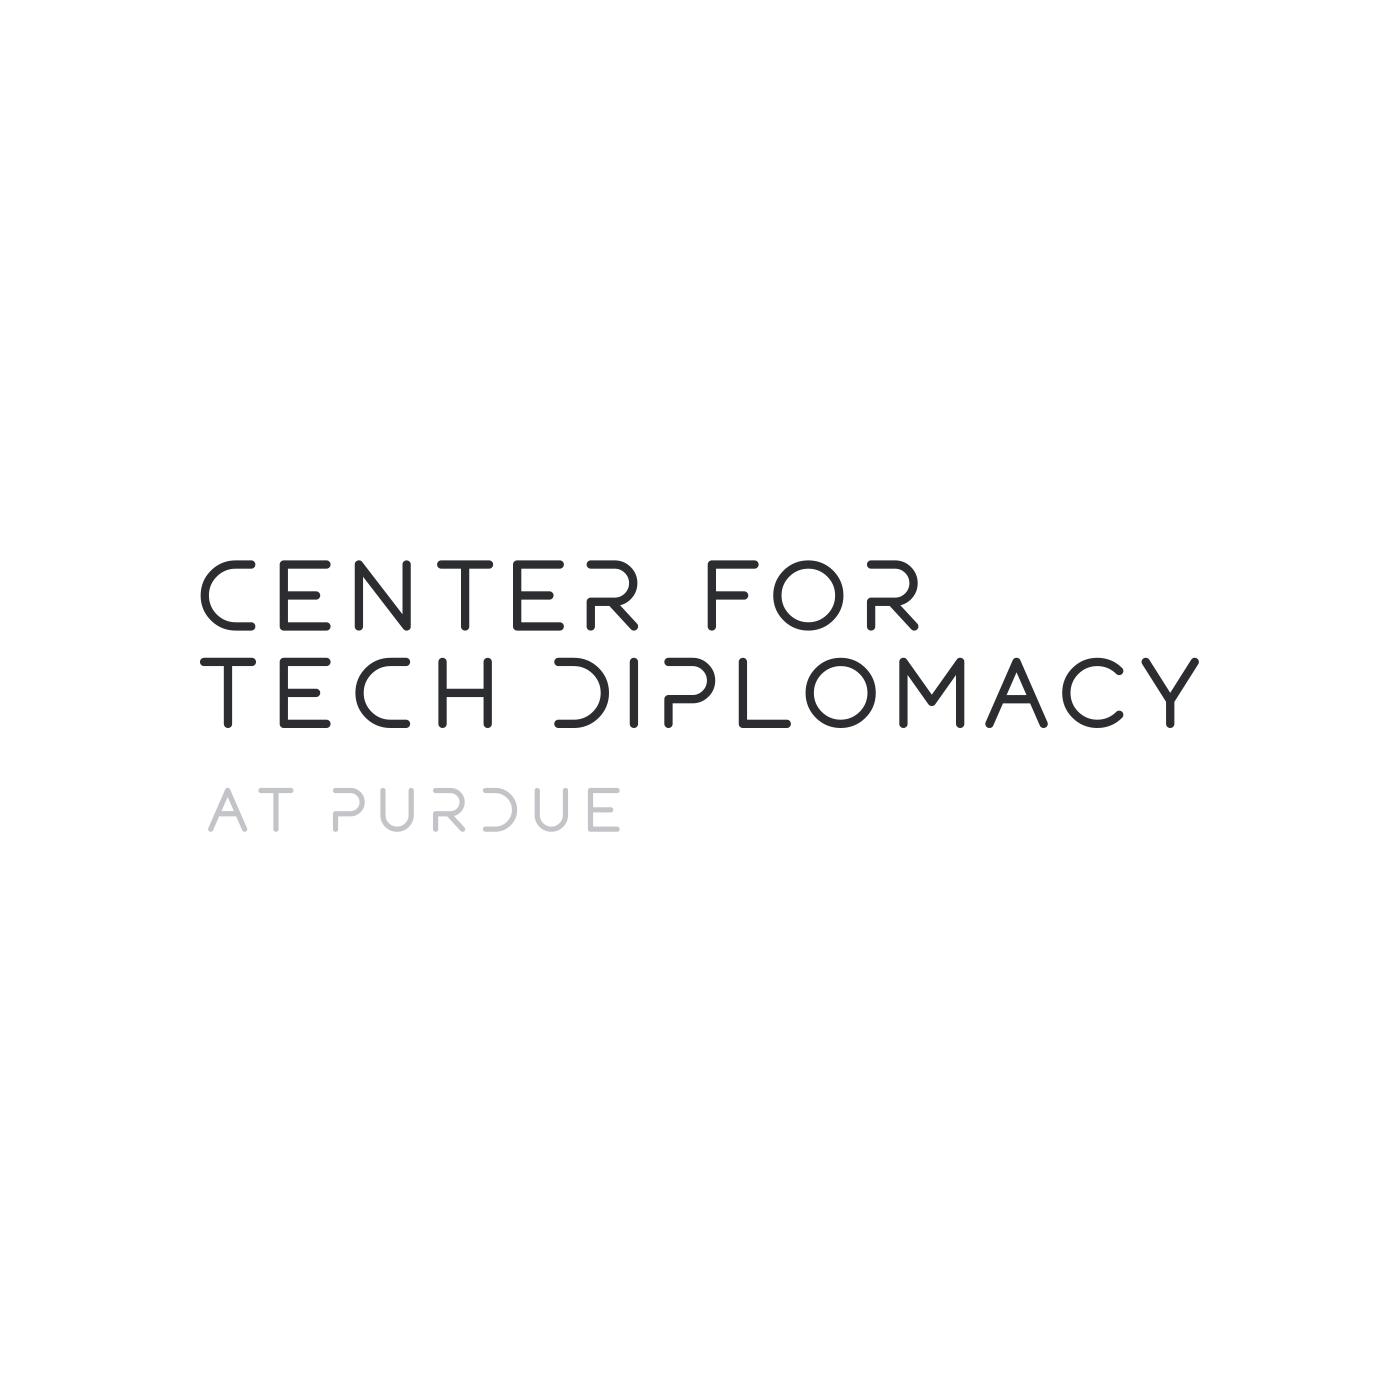 purdue wp square - Purdue University, Center for Tech Diplomacy